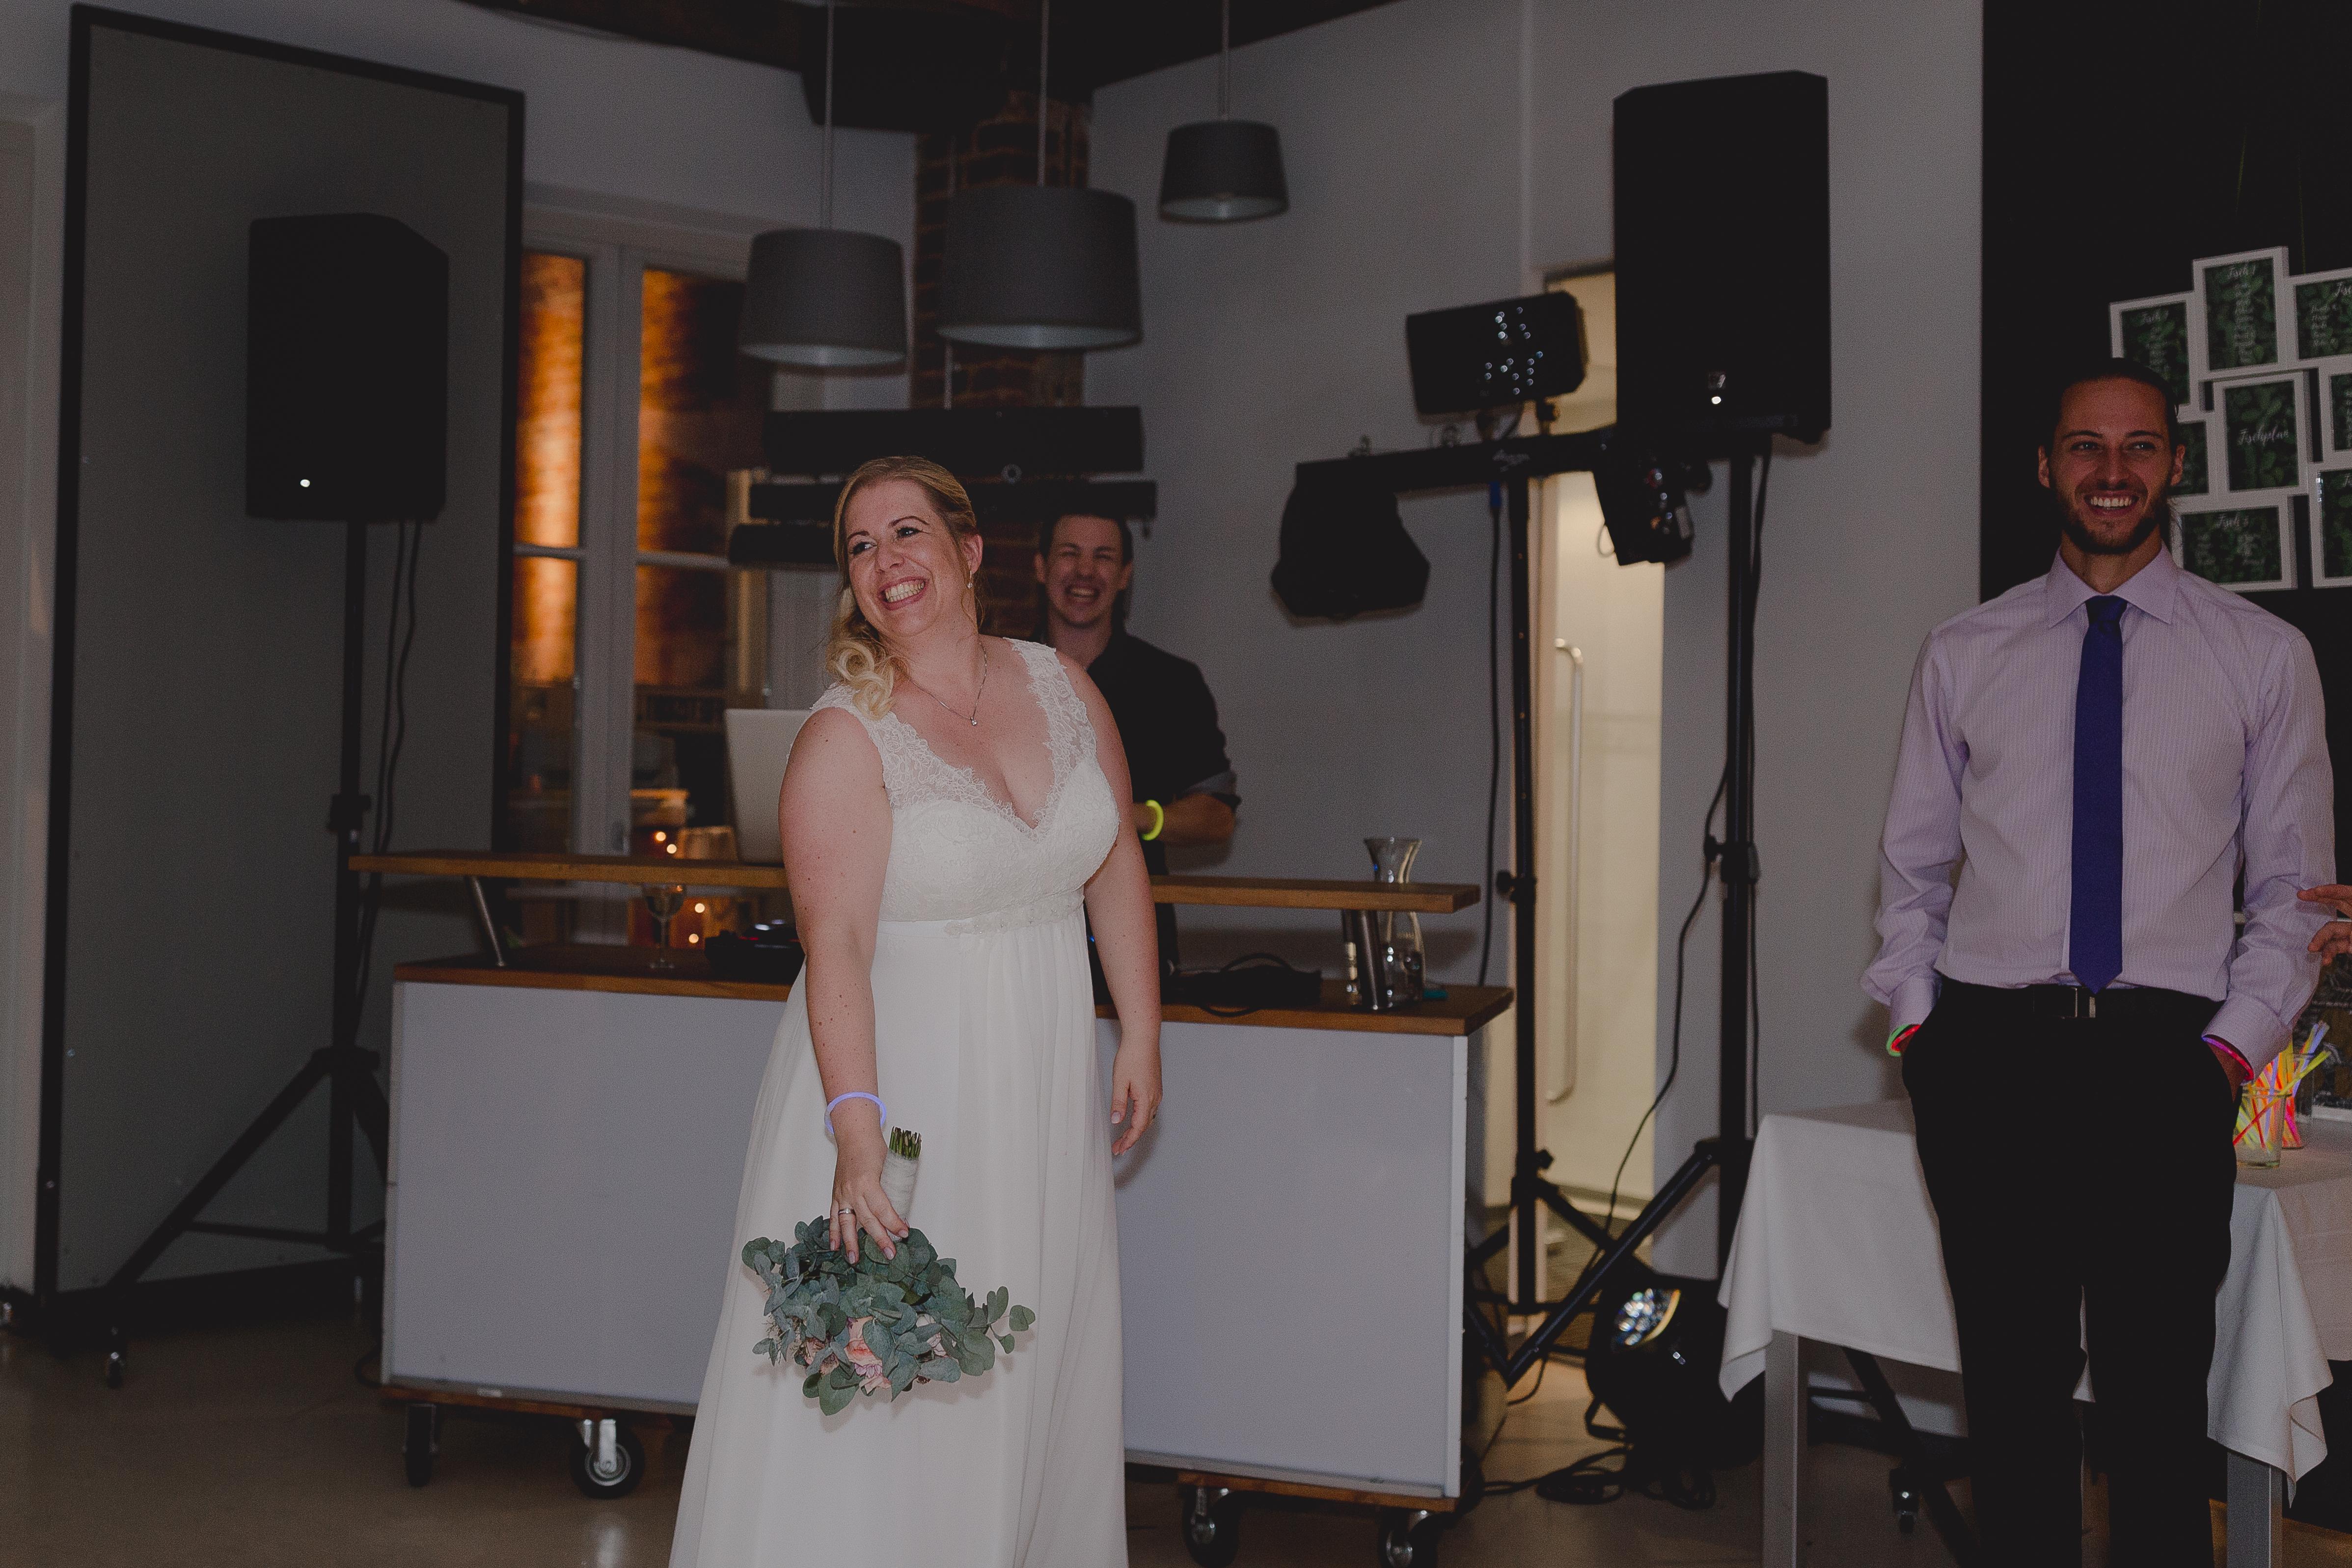 URBANERIE_Daniela_Goth_Vintage_Hochzeitsfotografin_Nuernberg_Fuerth_Erlangen_180609_1440